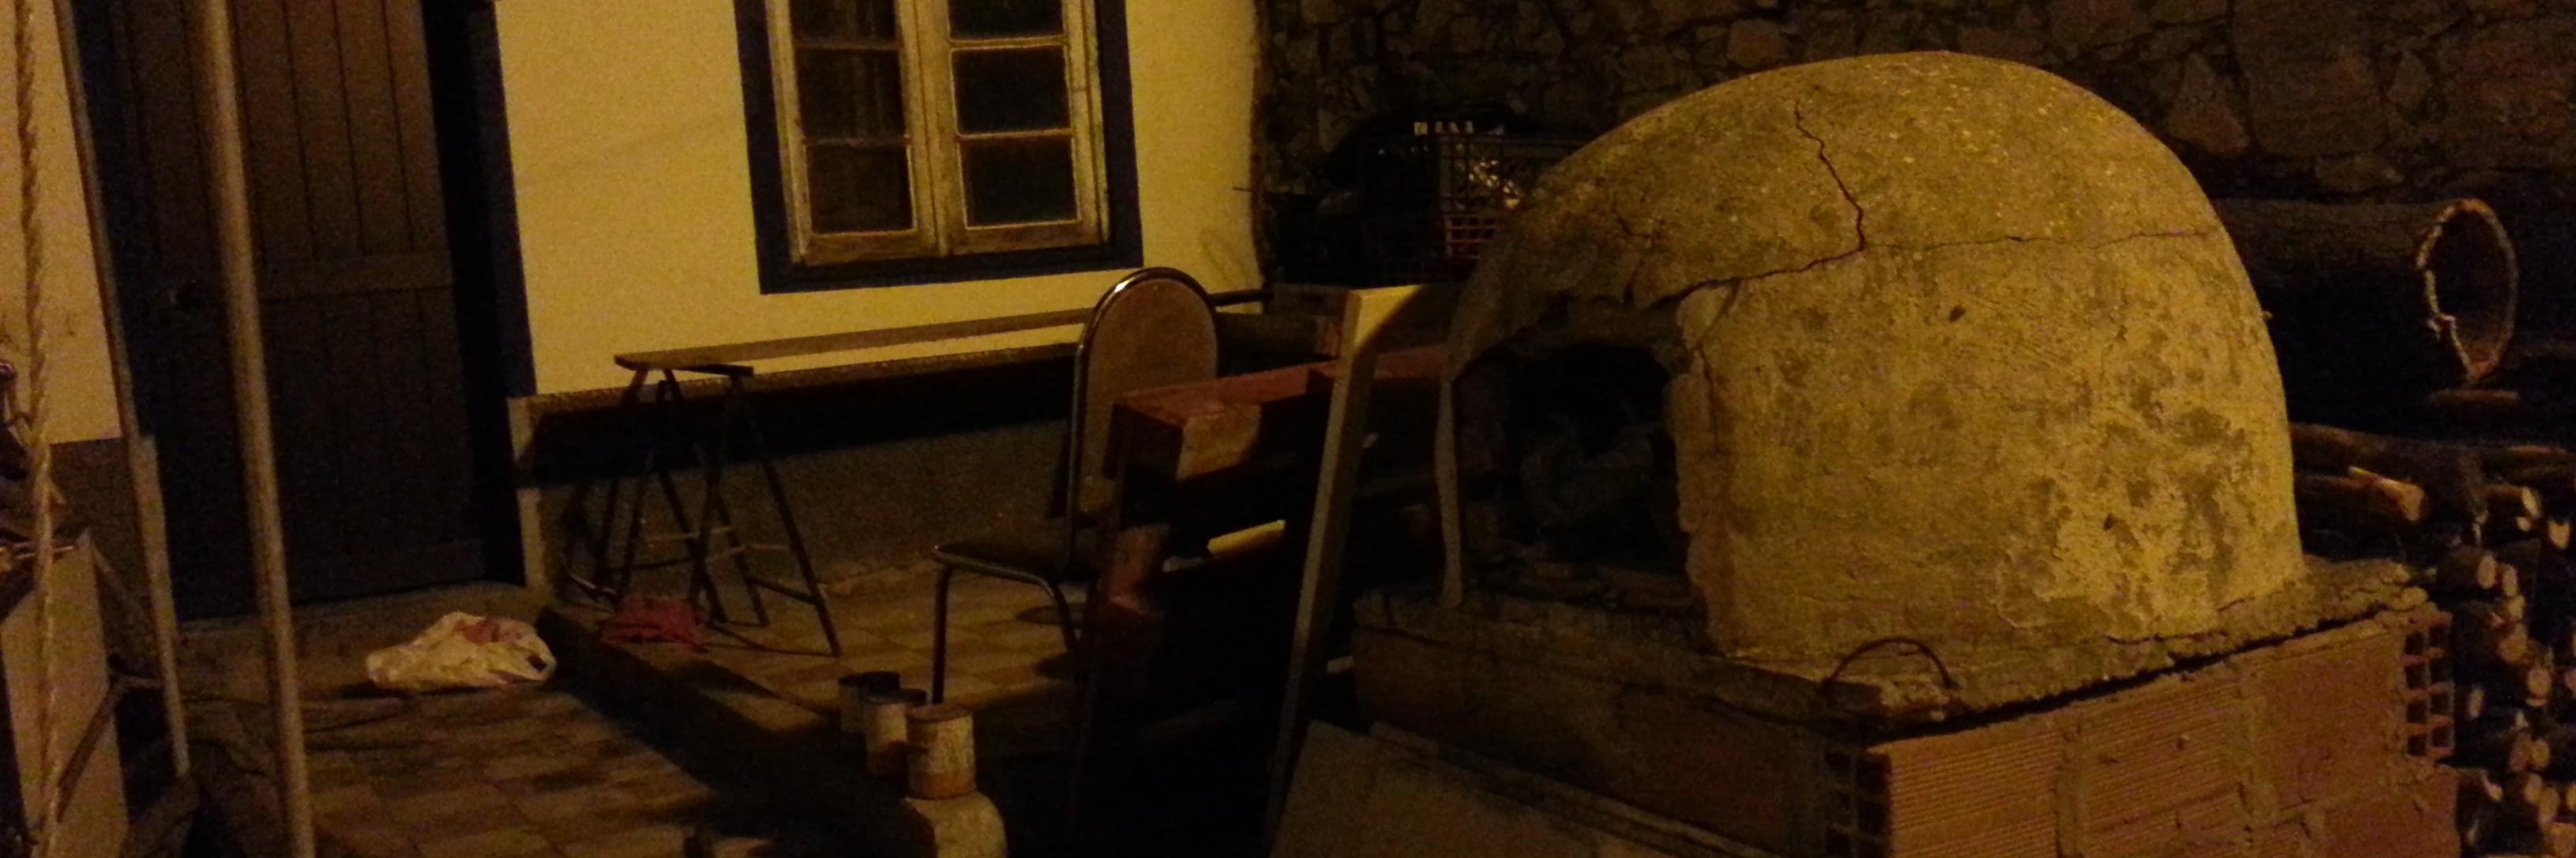 Four à pain dans la nuit à Vila do Bispo